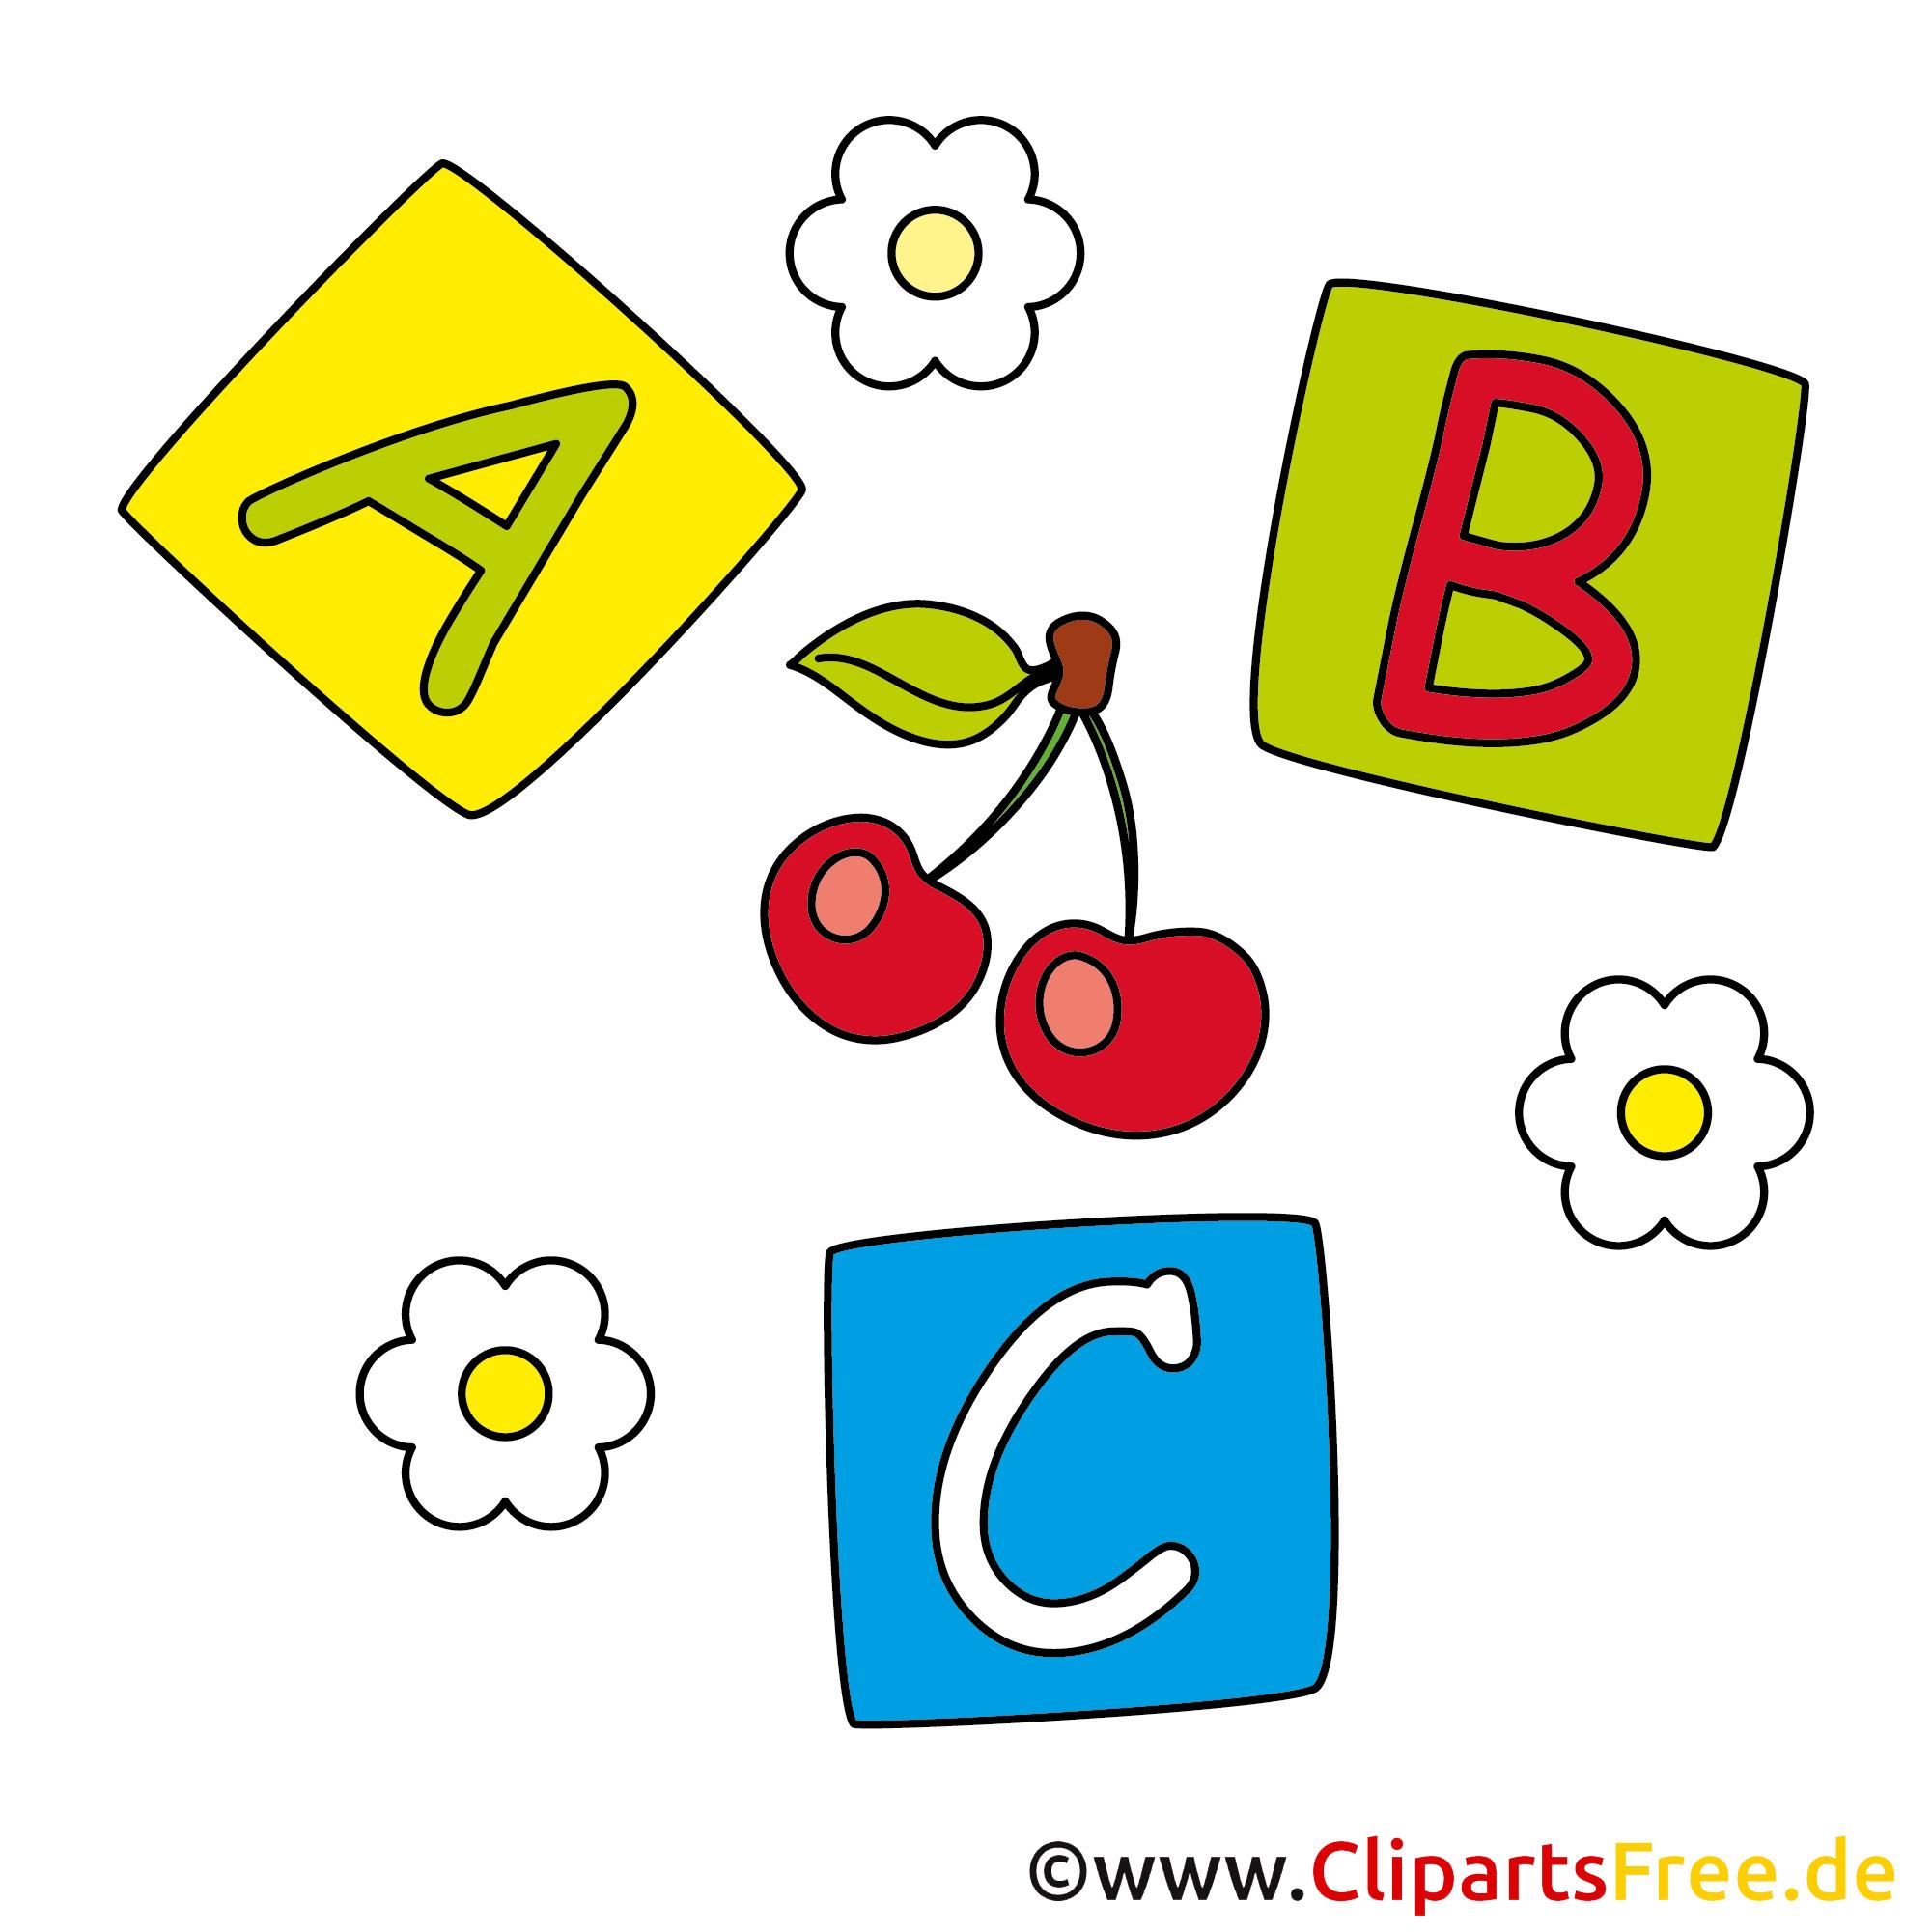 Buchstaben-Kloetzchen Babyspielzeug Bilder